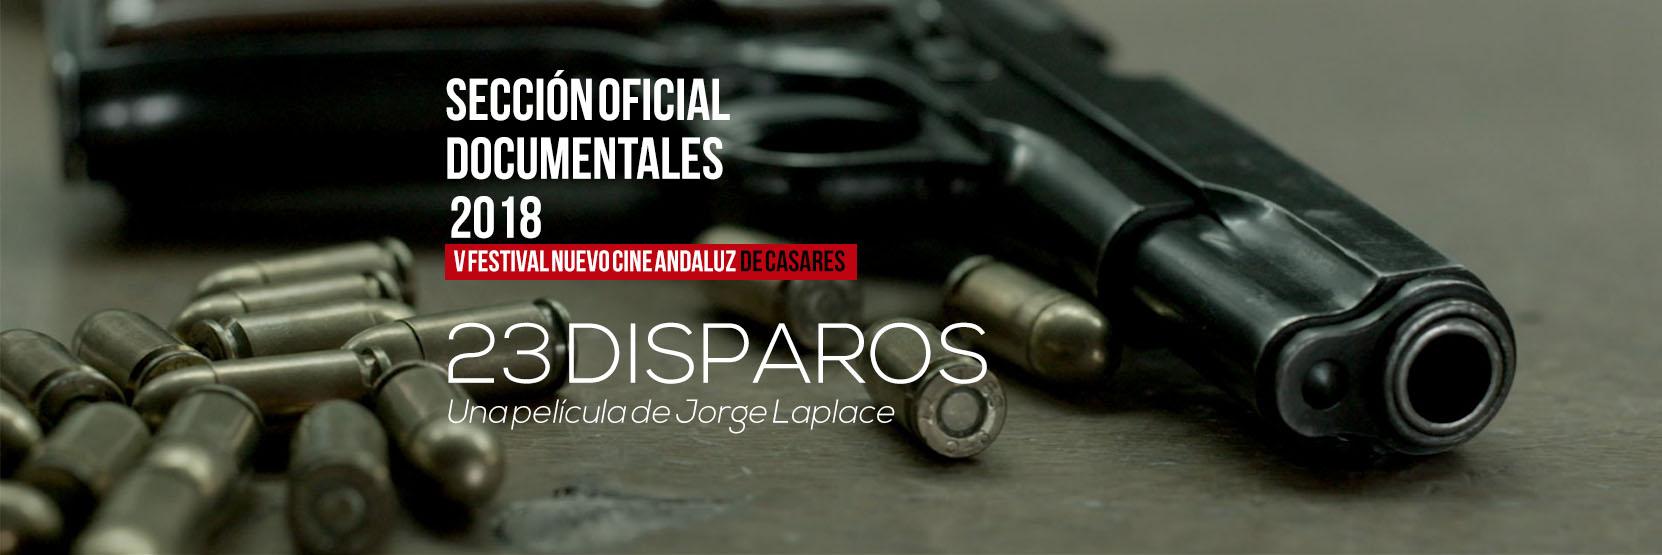 23 disparos, de Jorge Laplace